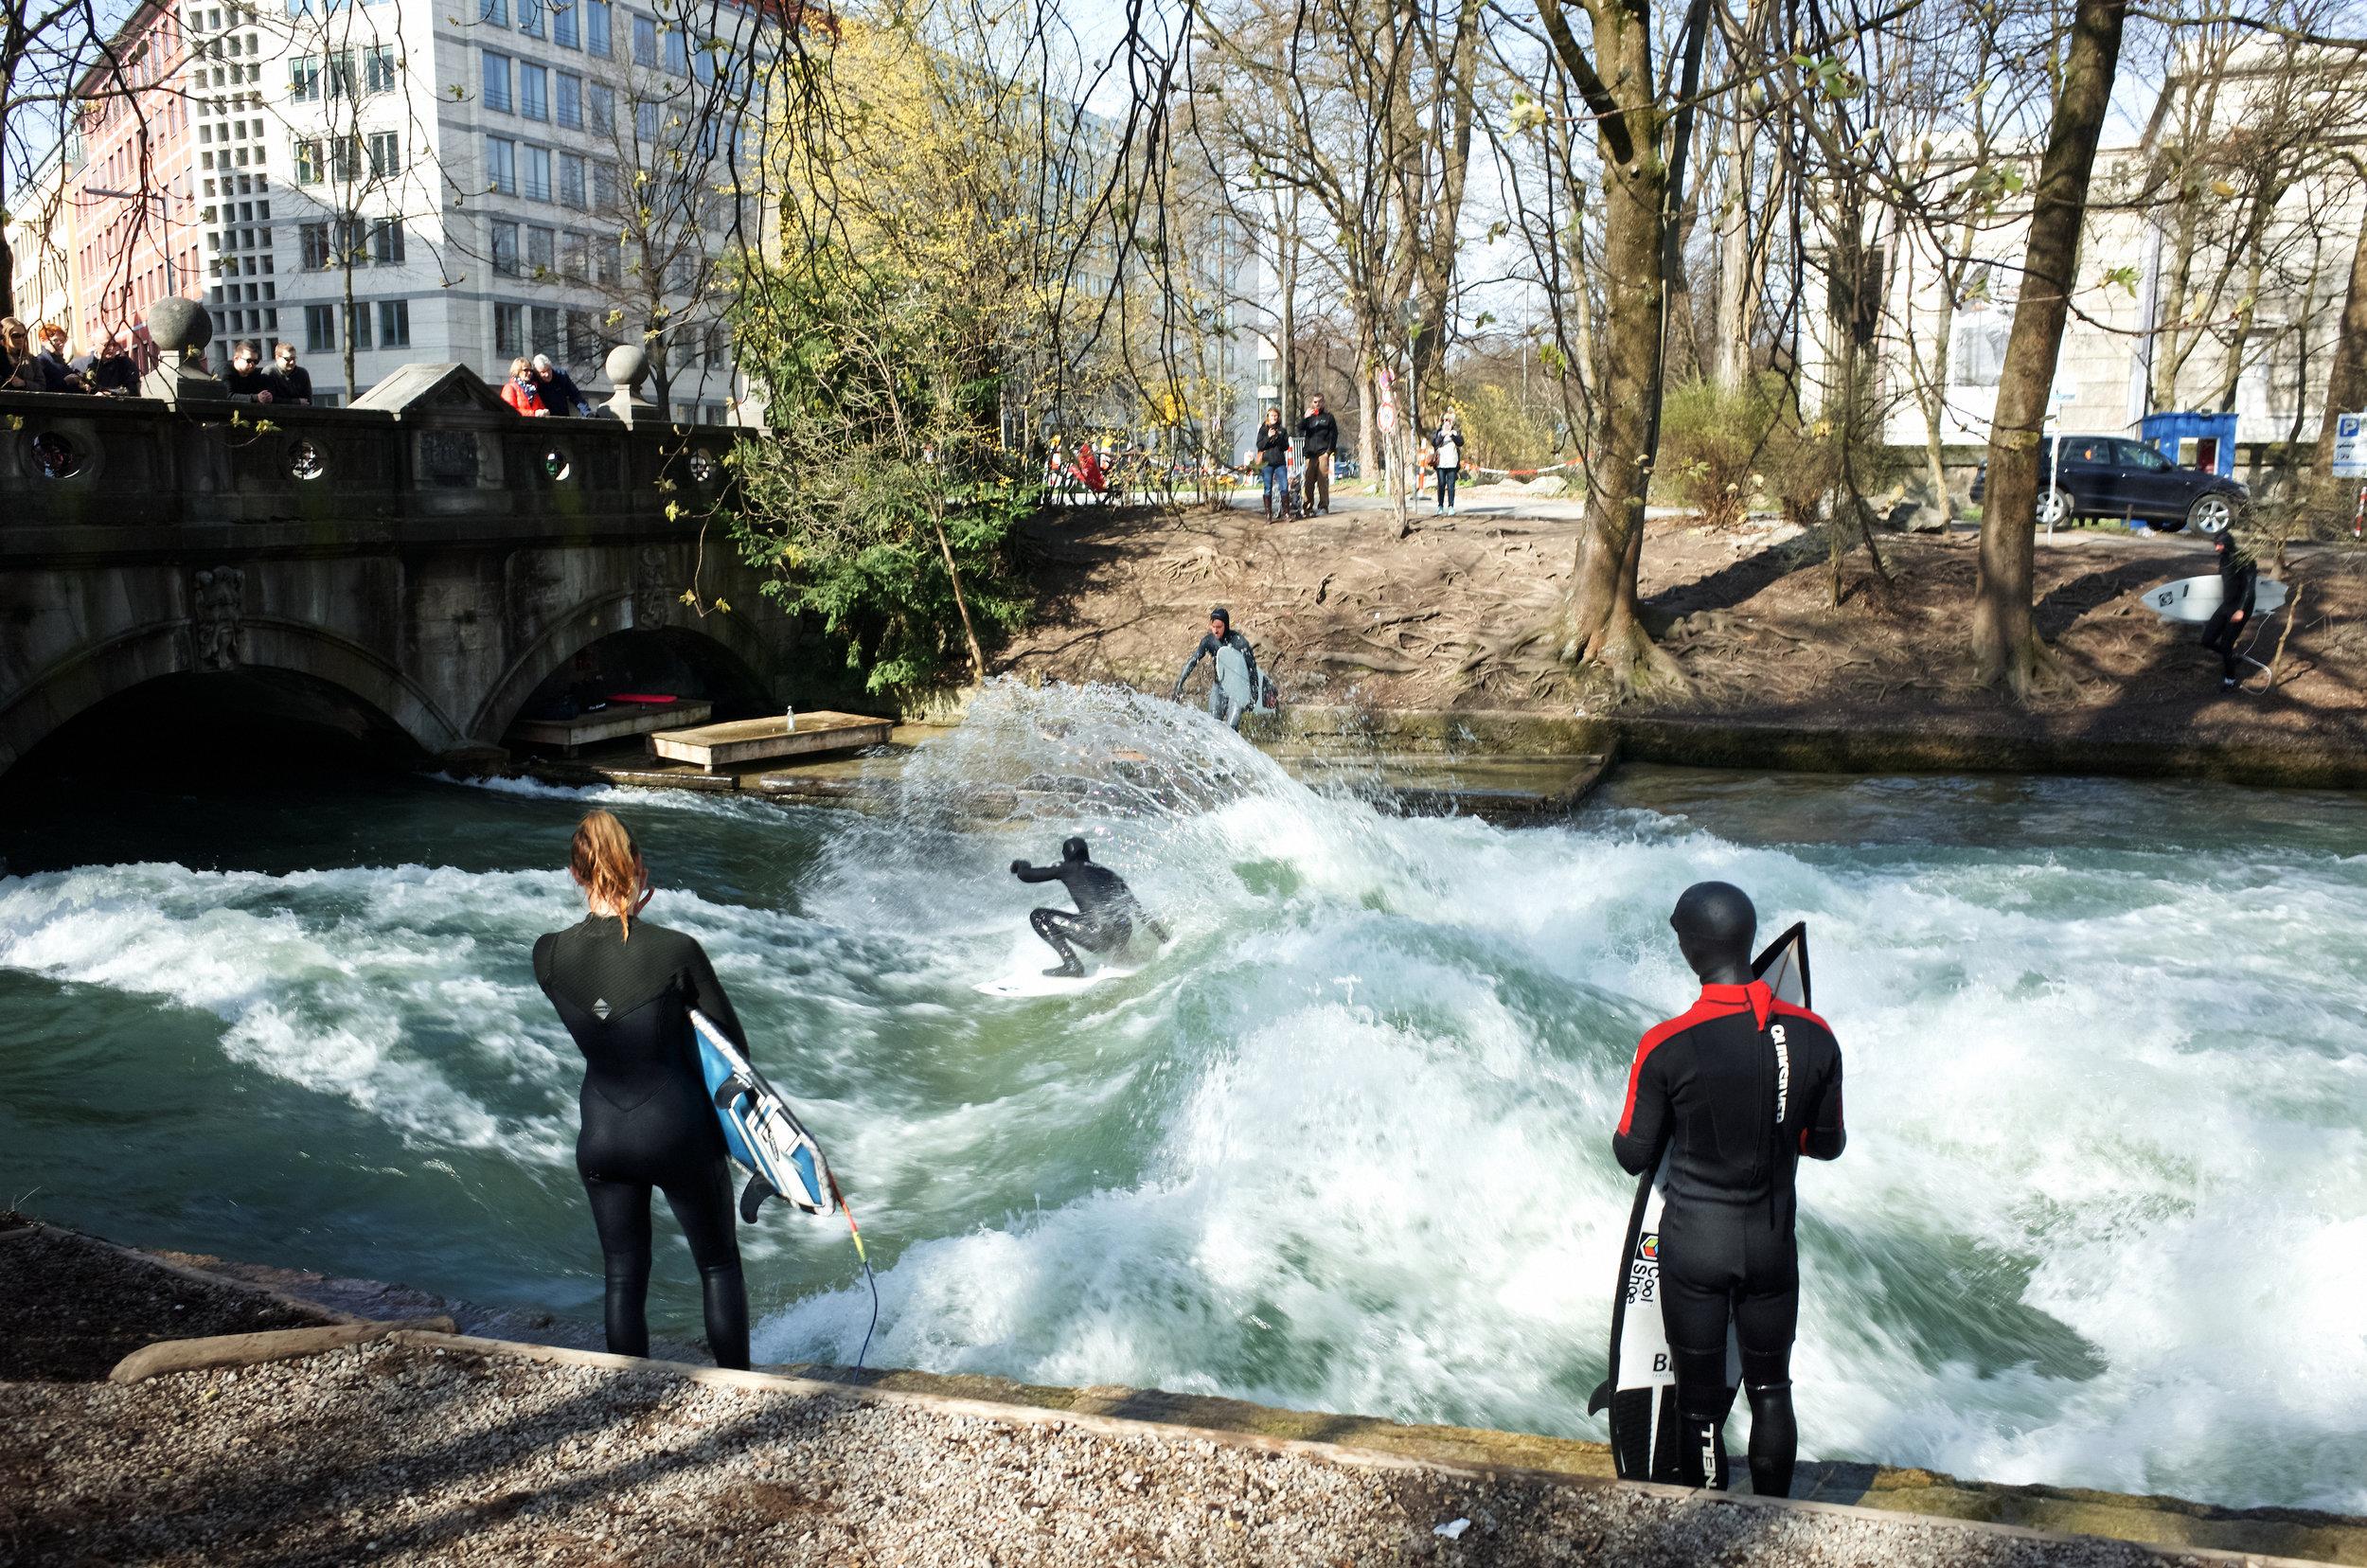 Halt am berühmten Eisbach, der durch den Englischen Garten fließt. Er ist berühmt für seine künstliche Welle, die Surfer aus allen Regionen anlockt, um dem Wasser zu trotzen.